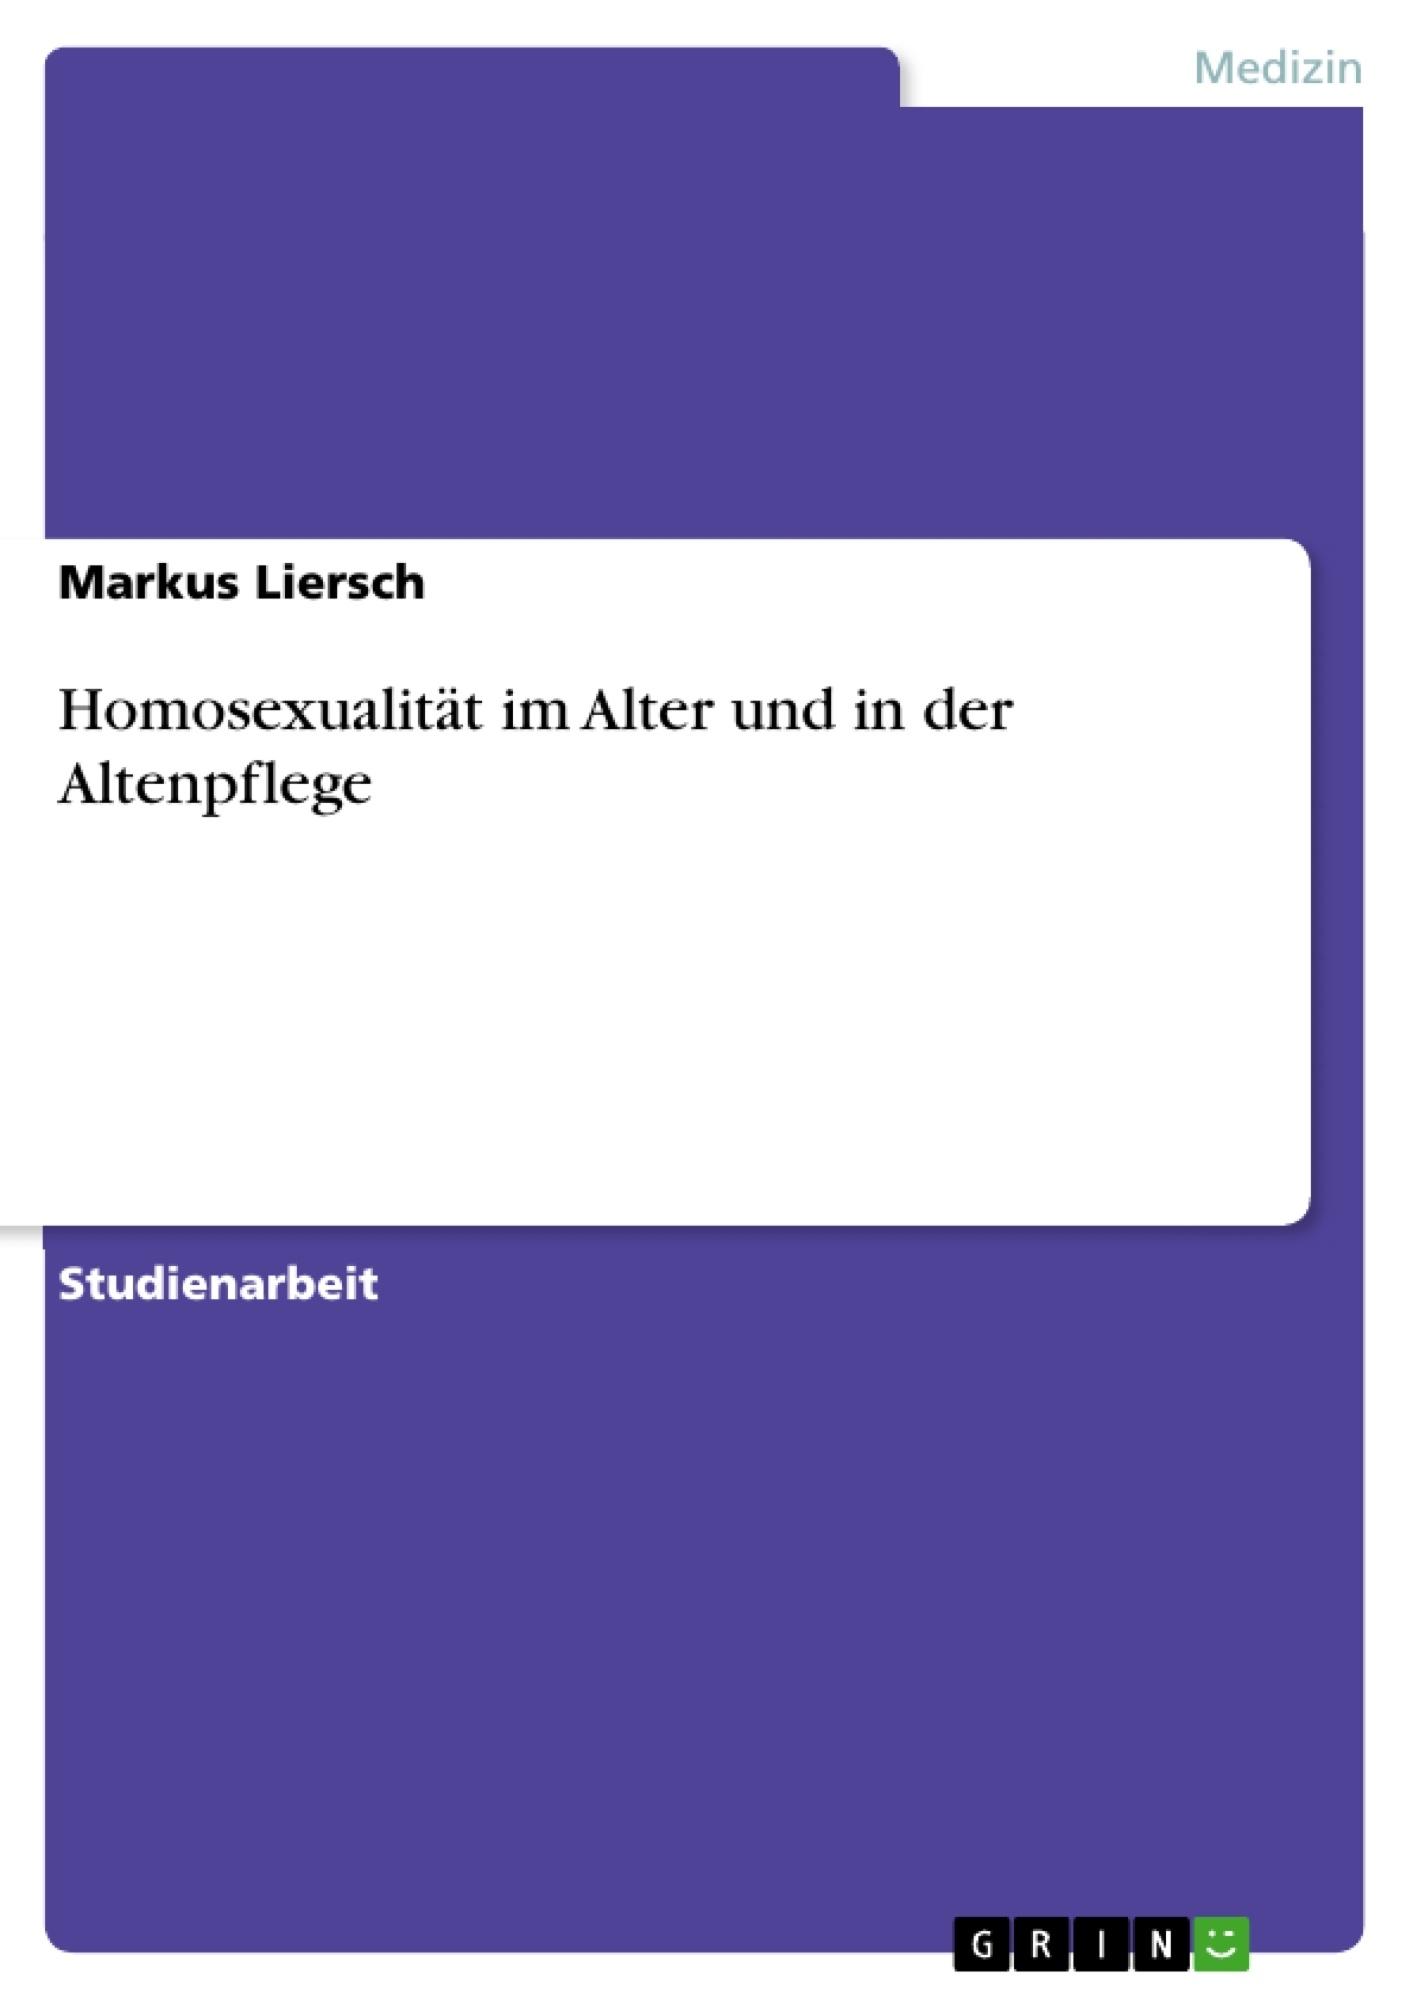 Titel: Homosexualität im Alter und in der Altenpflege